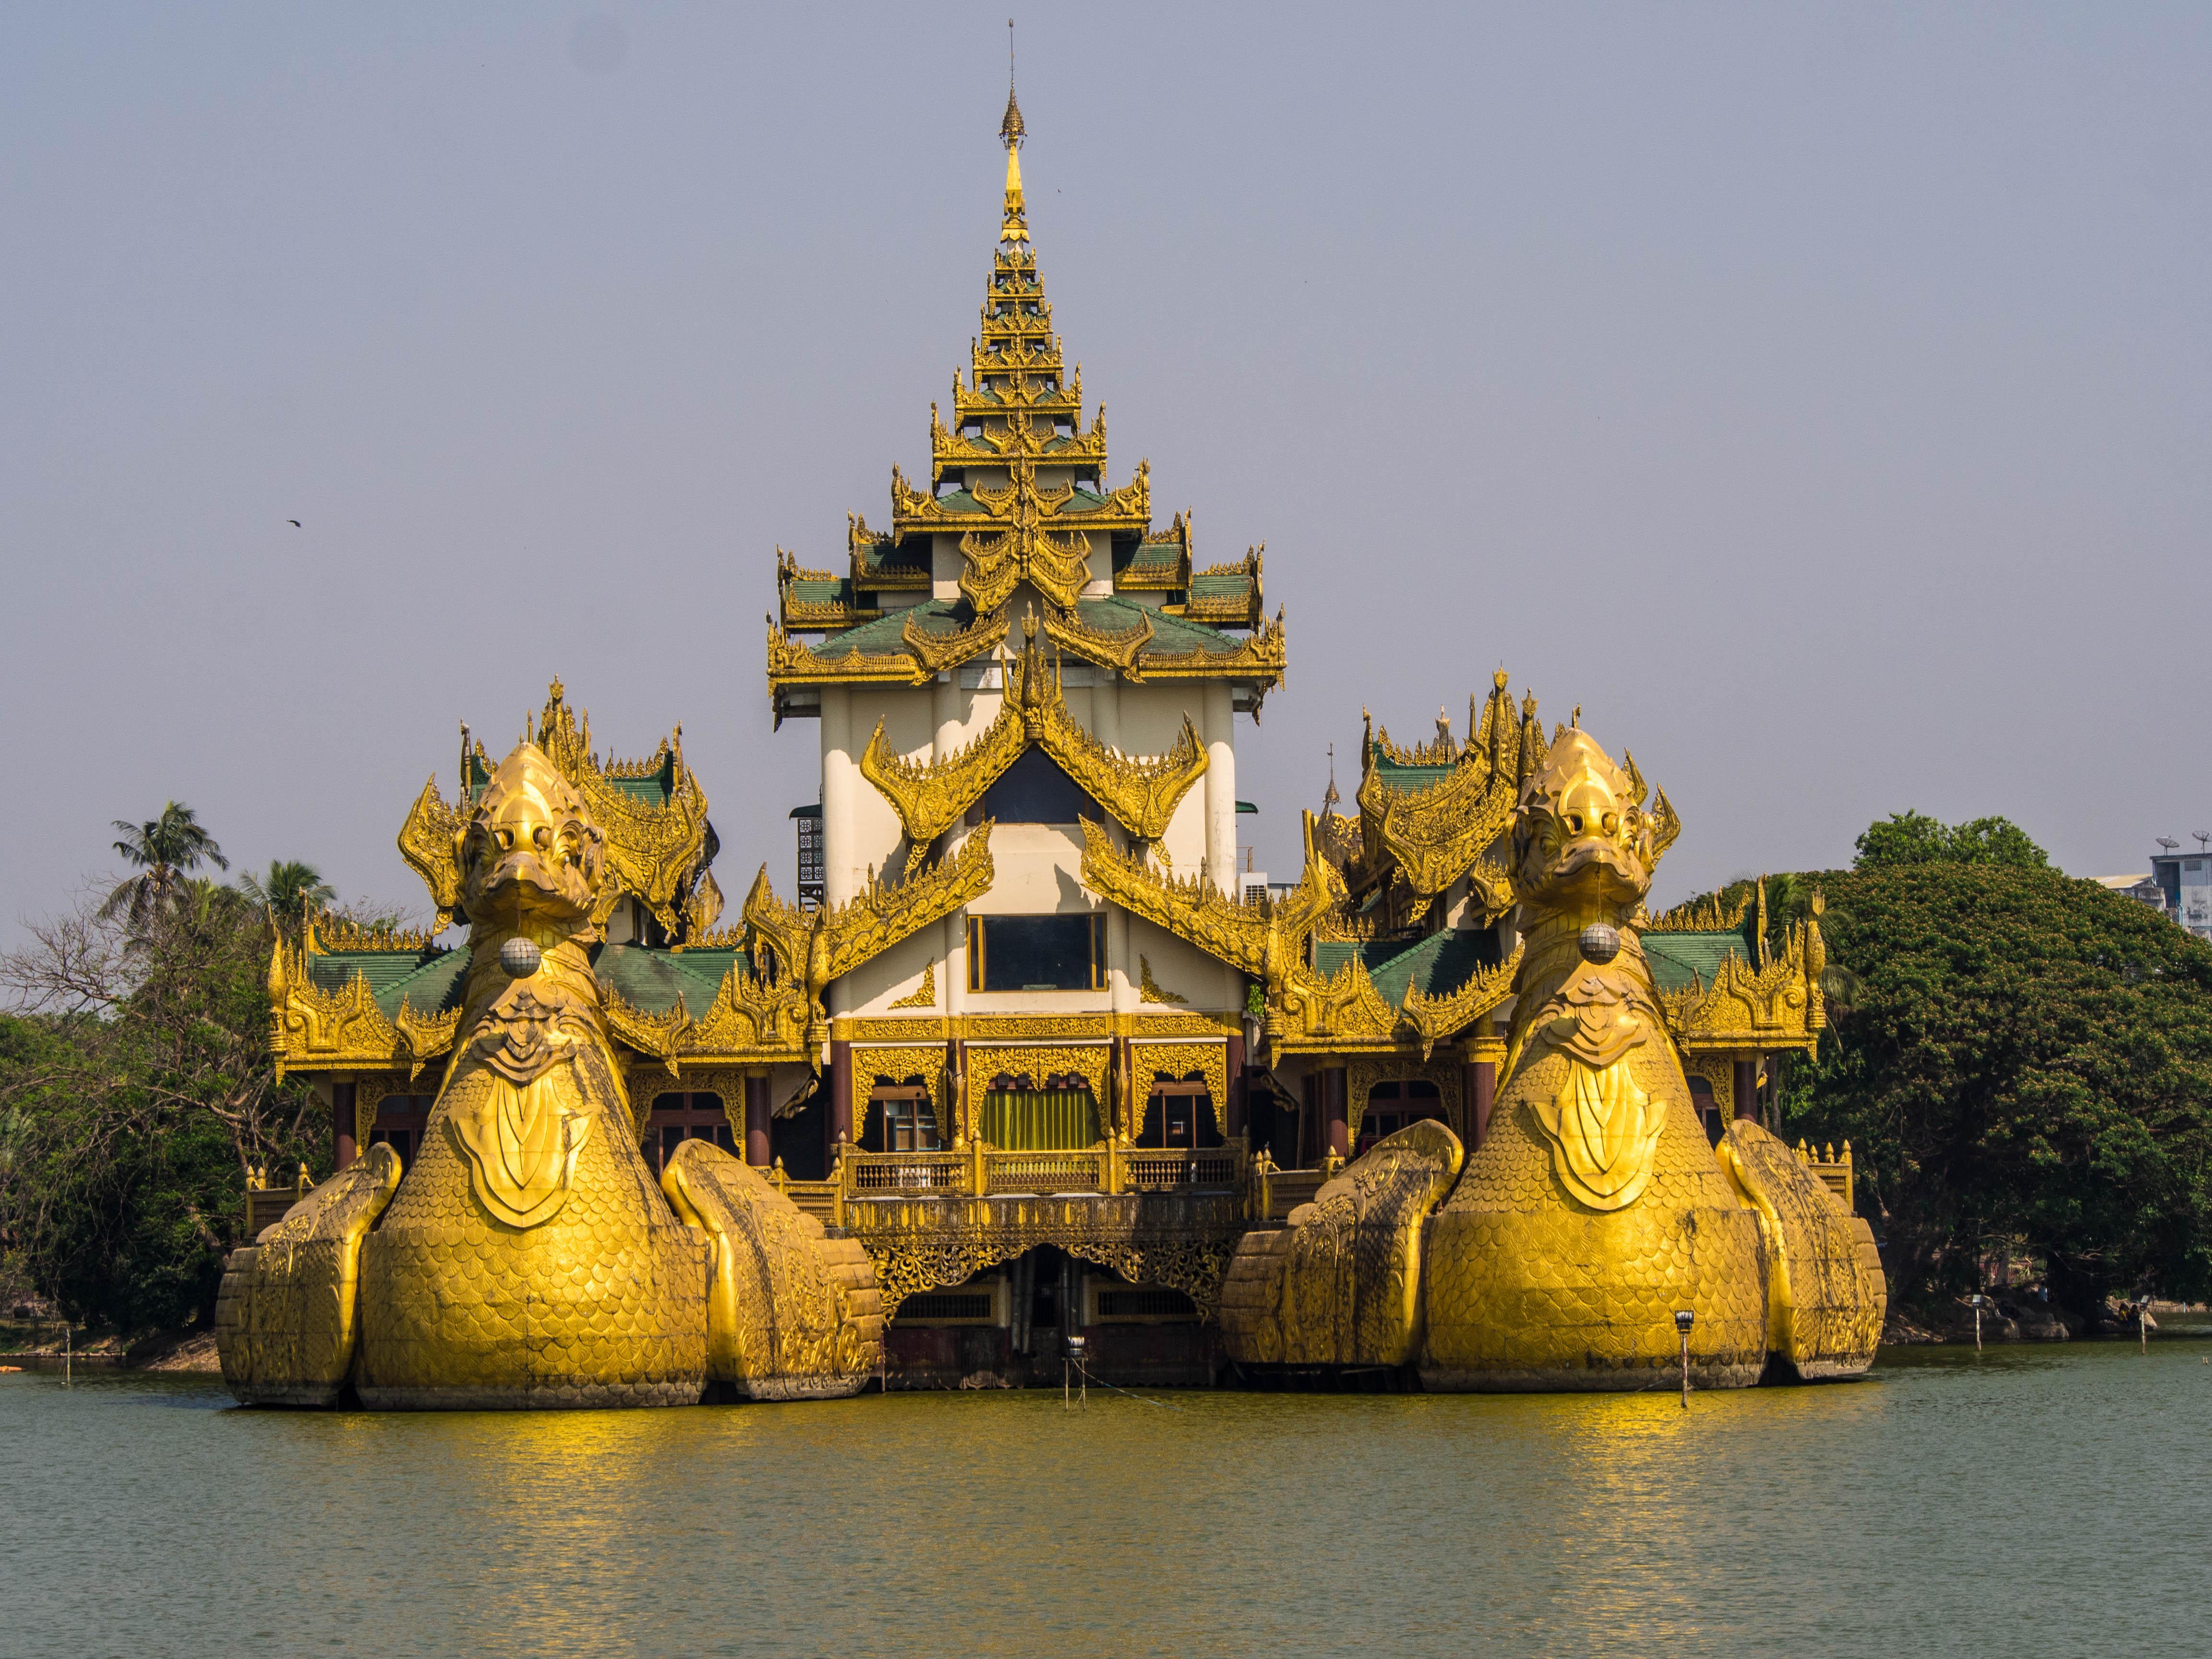 zwiedzanie Birmy - co zobaczyć w Rangun